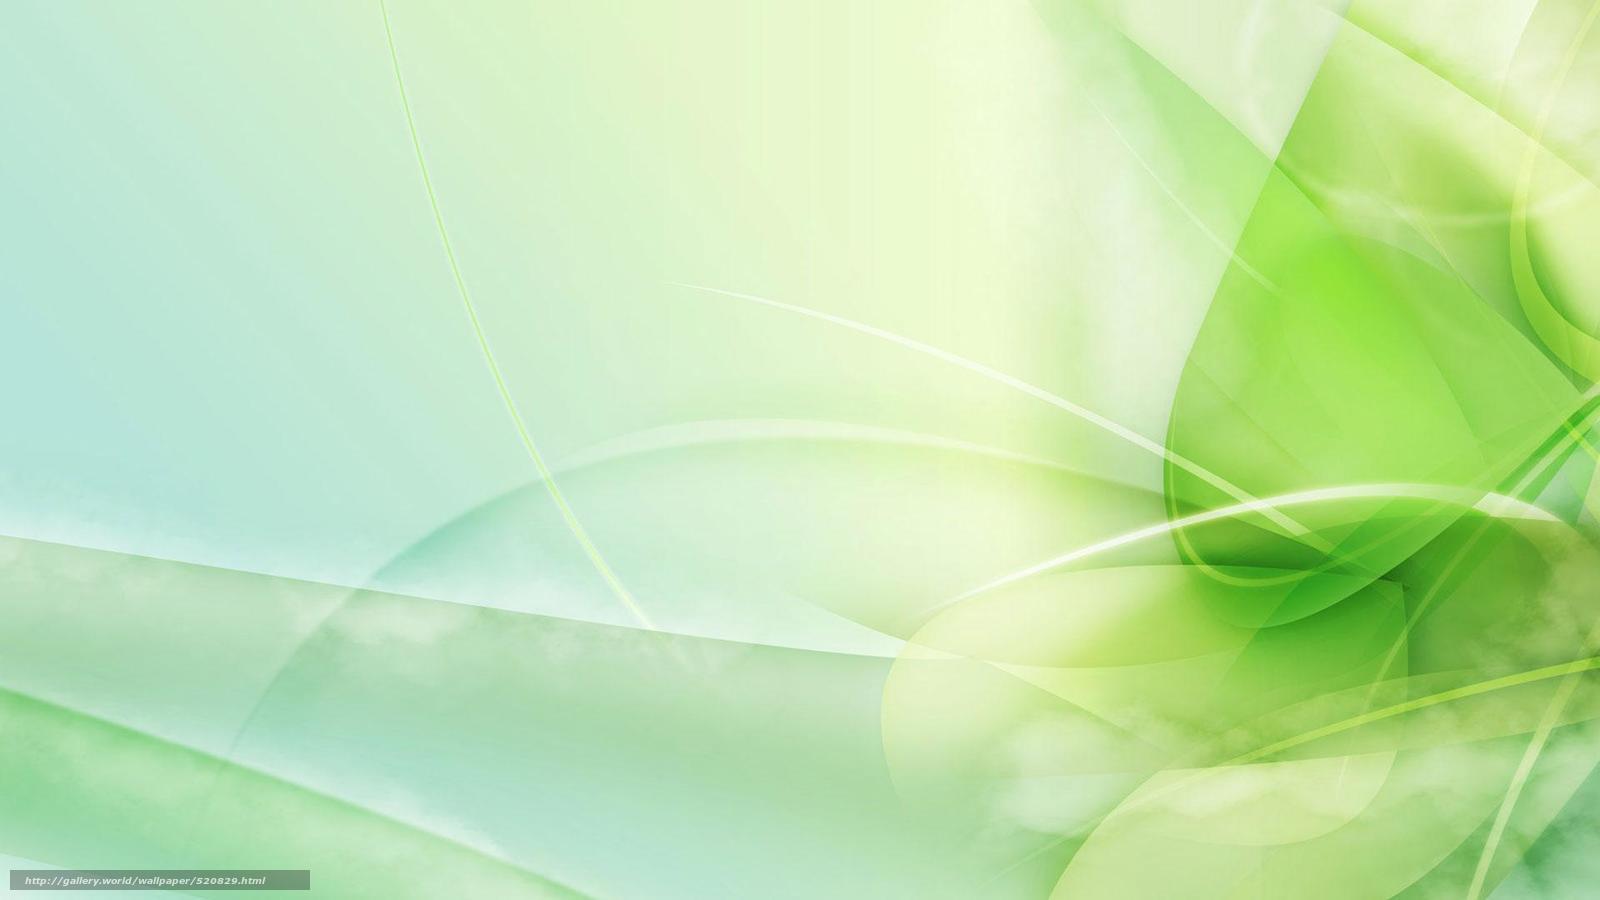 Tlcharger fond d 39 ecran ligne vert bleu fonds d 39 ecran gratuits pour votre rsolution du bureau for Plan en d gratuit en ligne